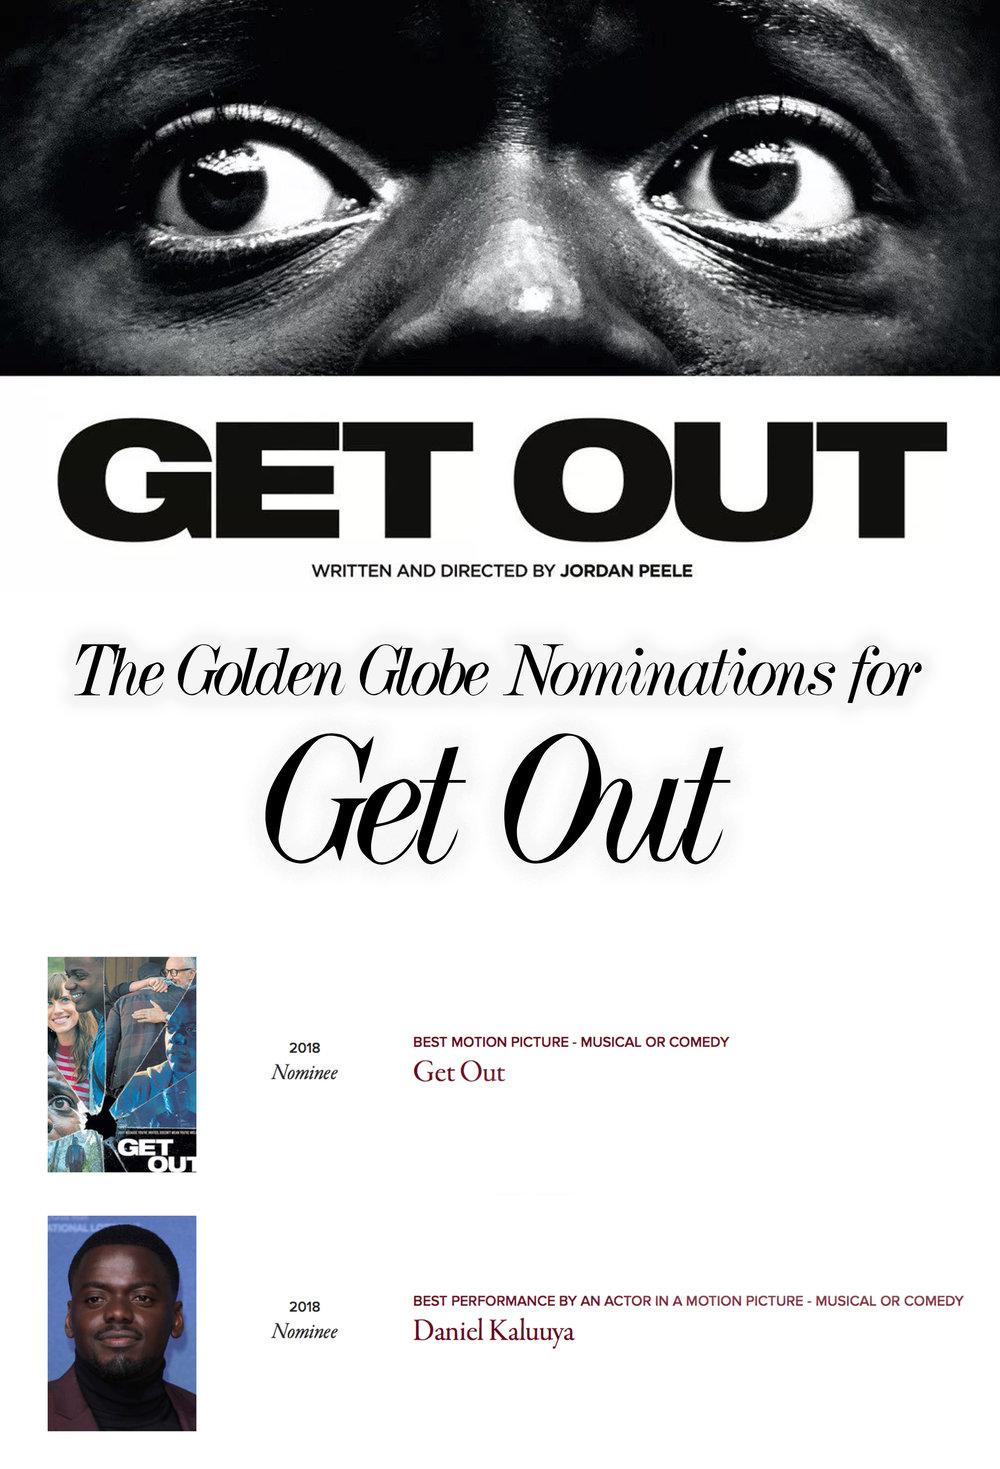 getout_globe.jpg